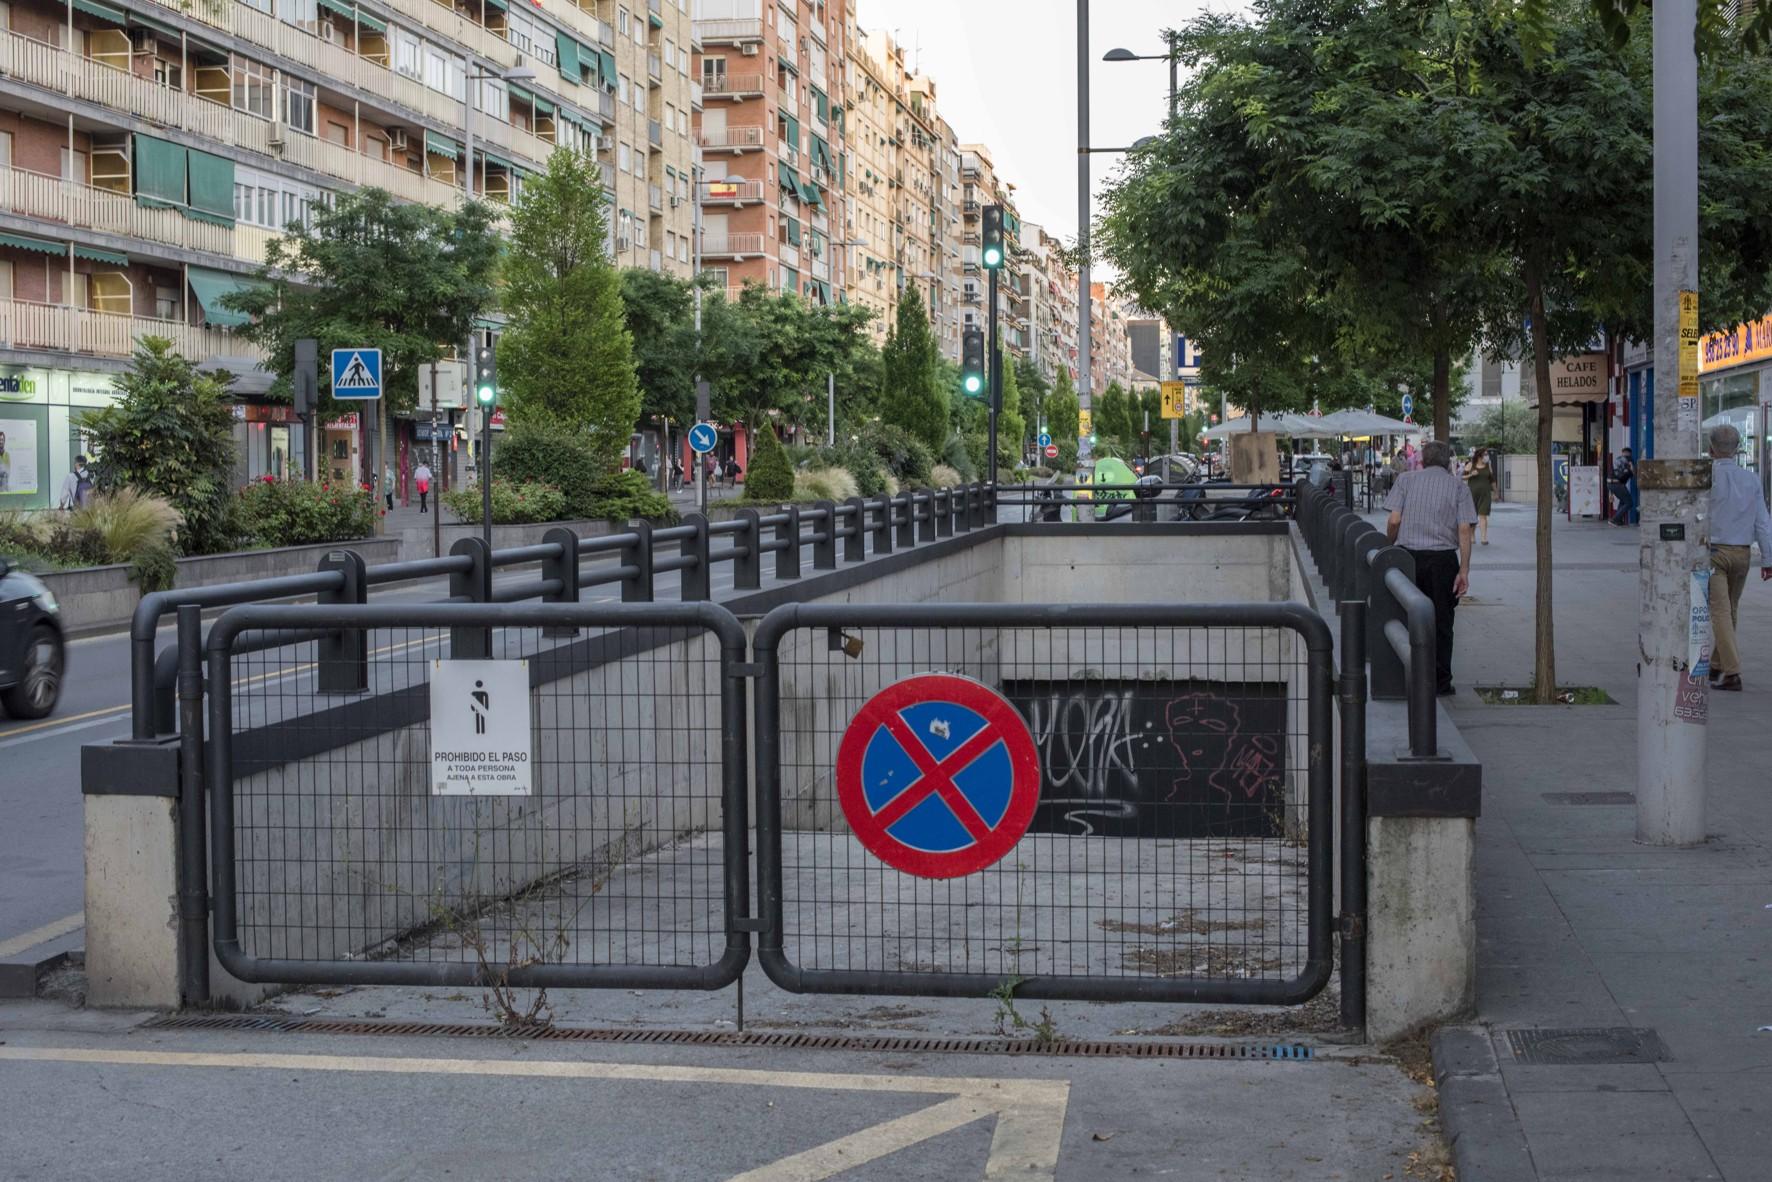 La entrada al aparcamiento soterrado está reservada en Camino de Ronda.